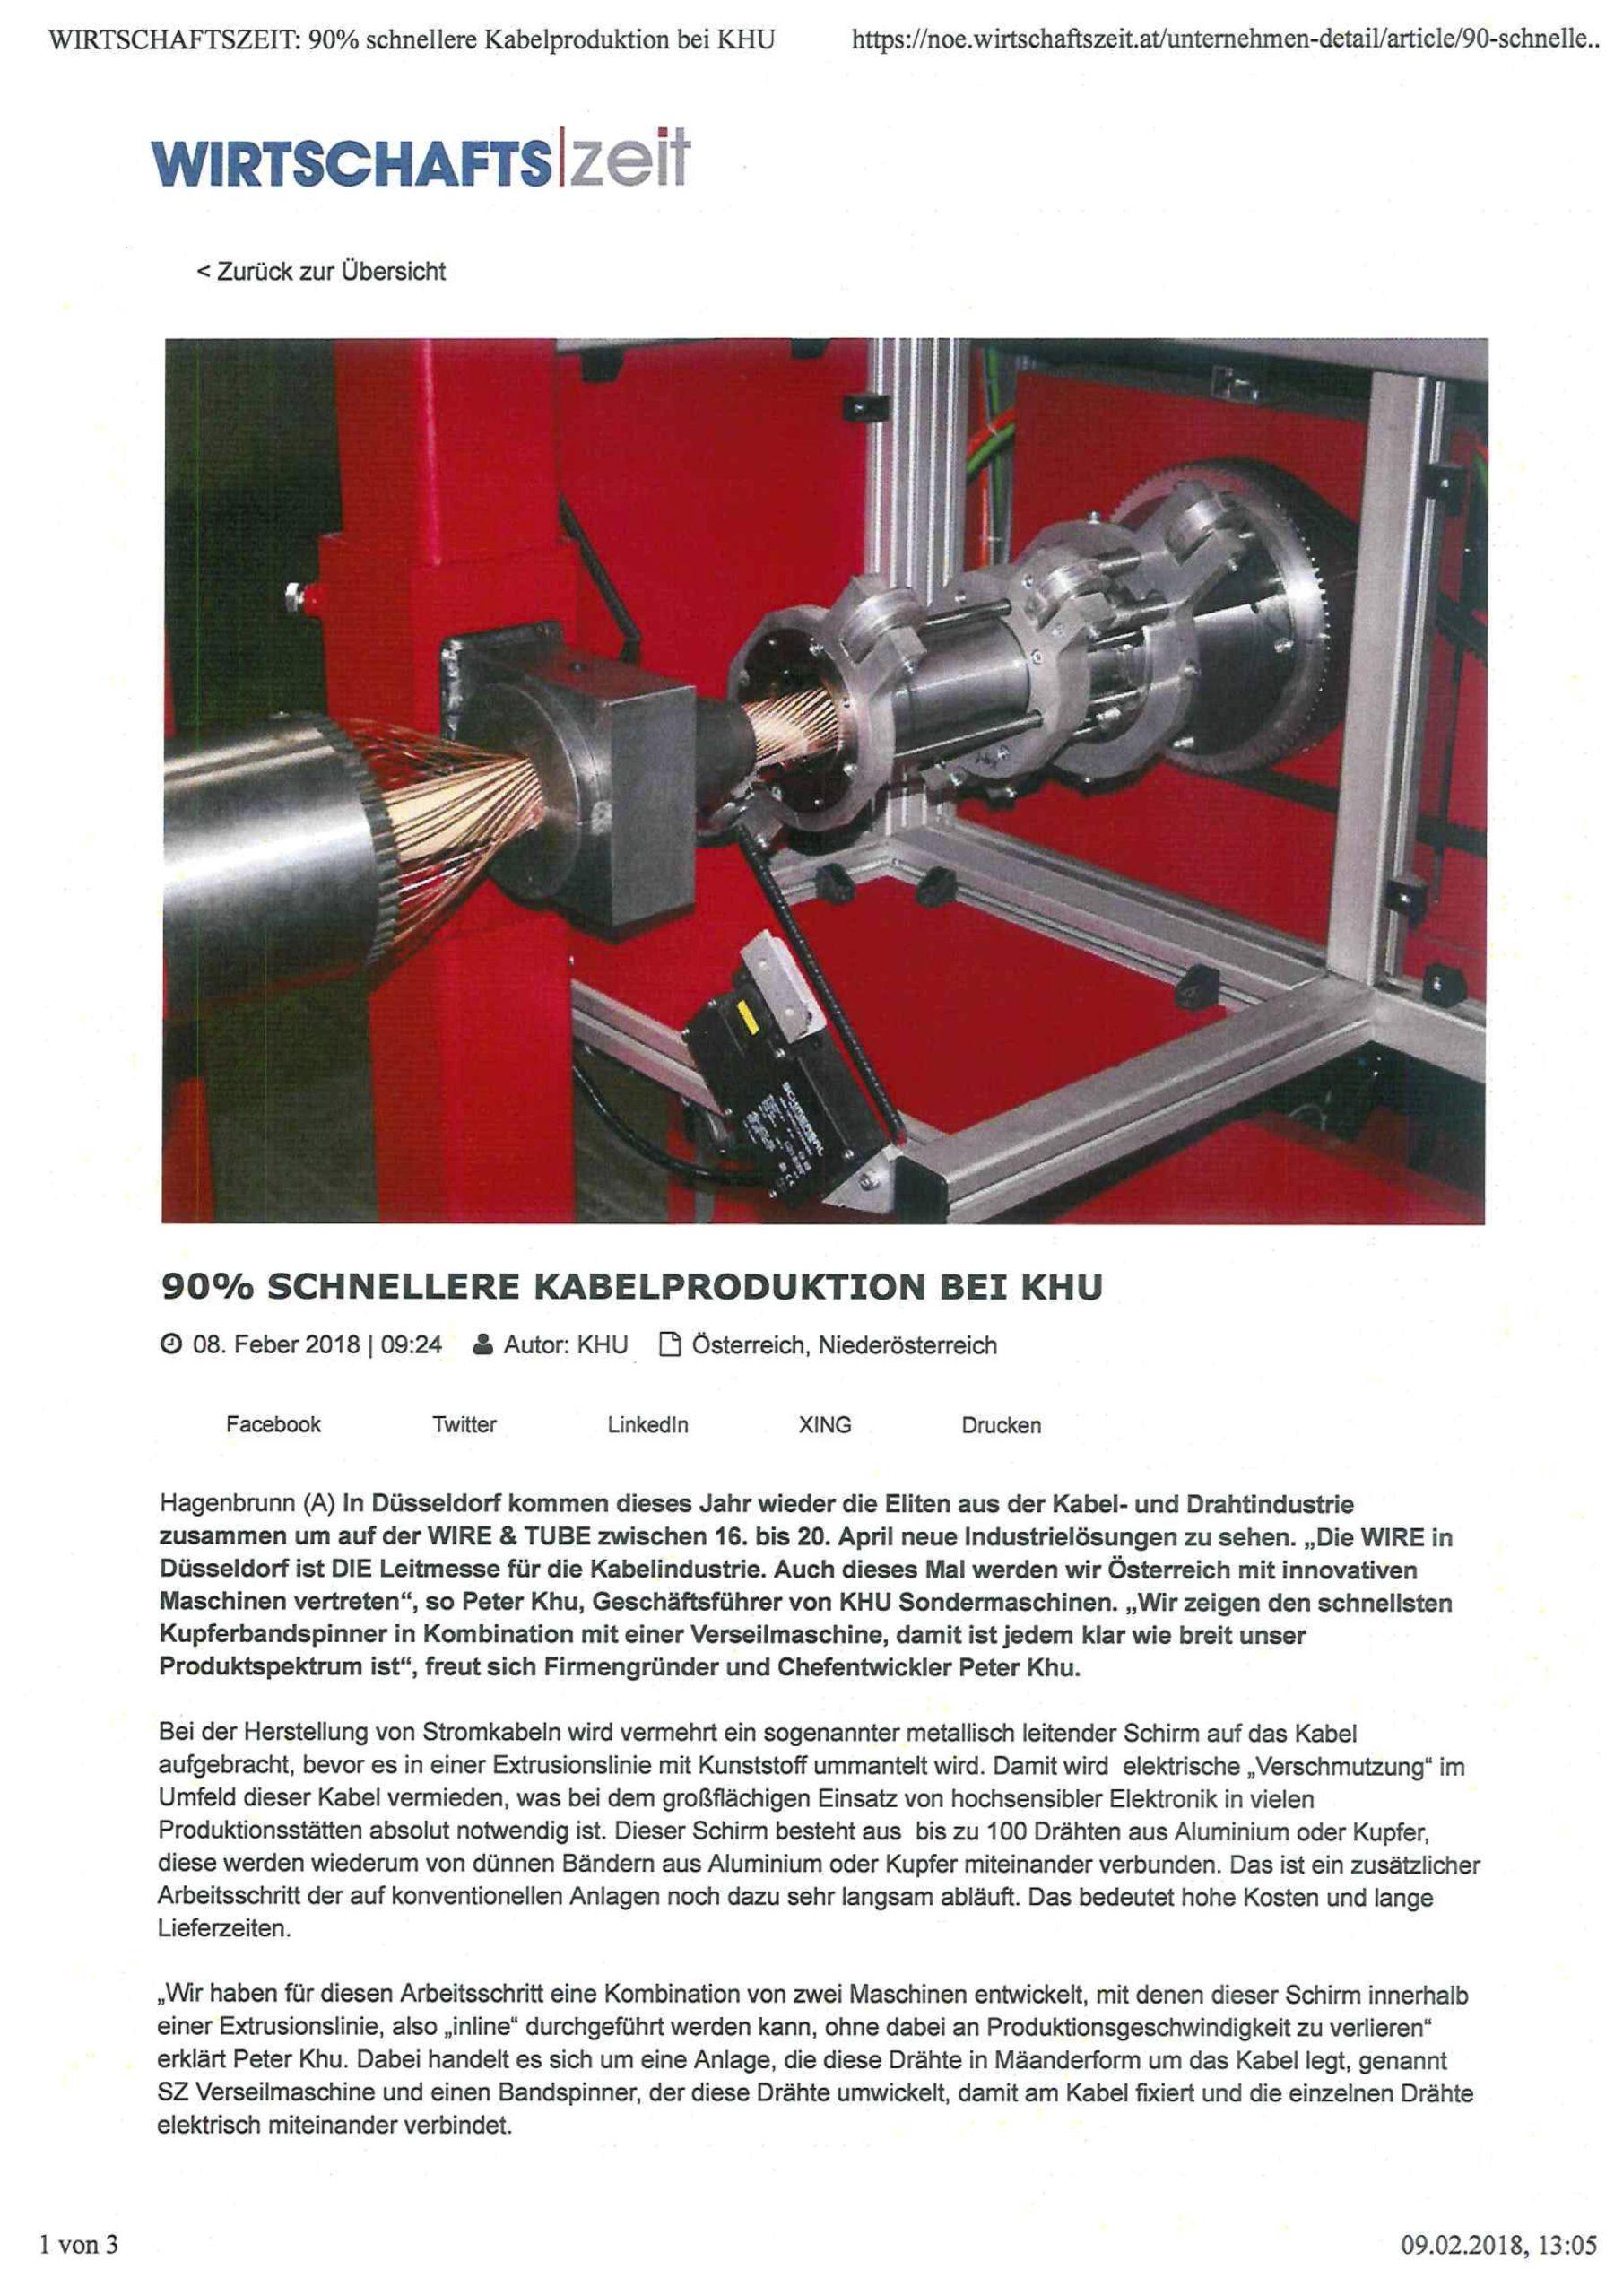 Wirtschaftszeit Pressemeldung über neuen Kupferbandwickler von KHU Sondermaschinen